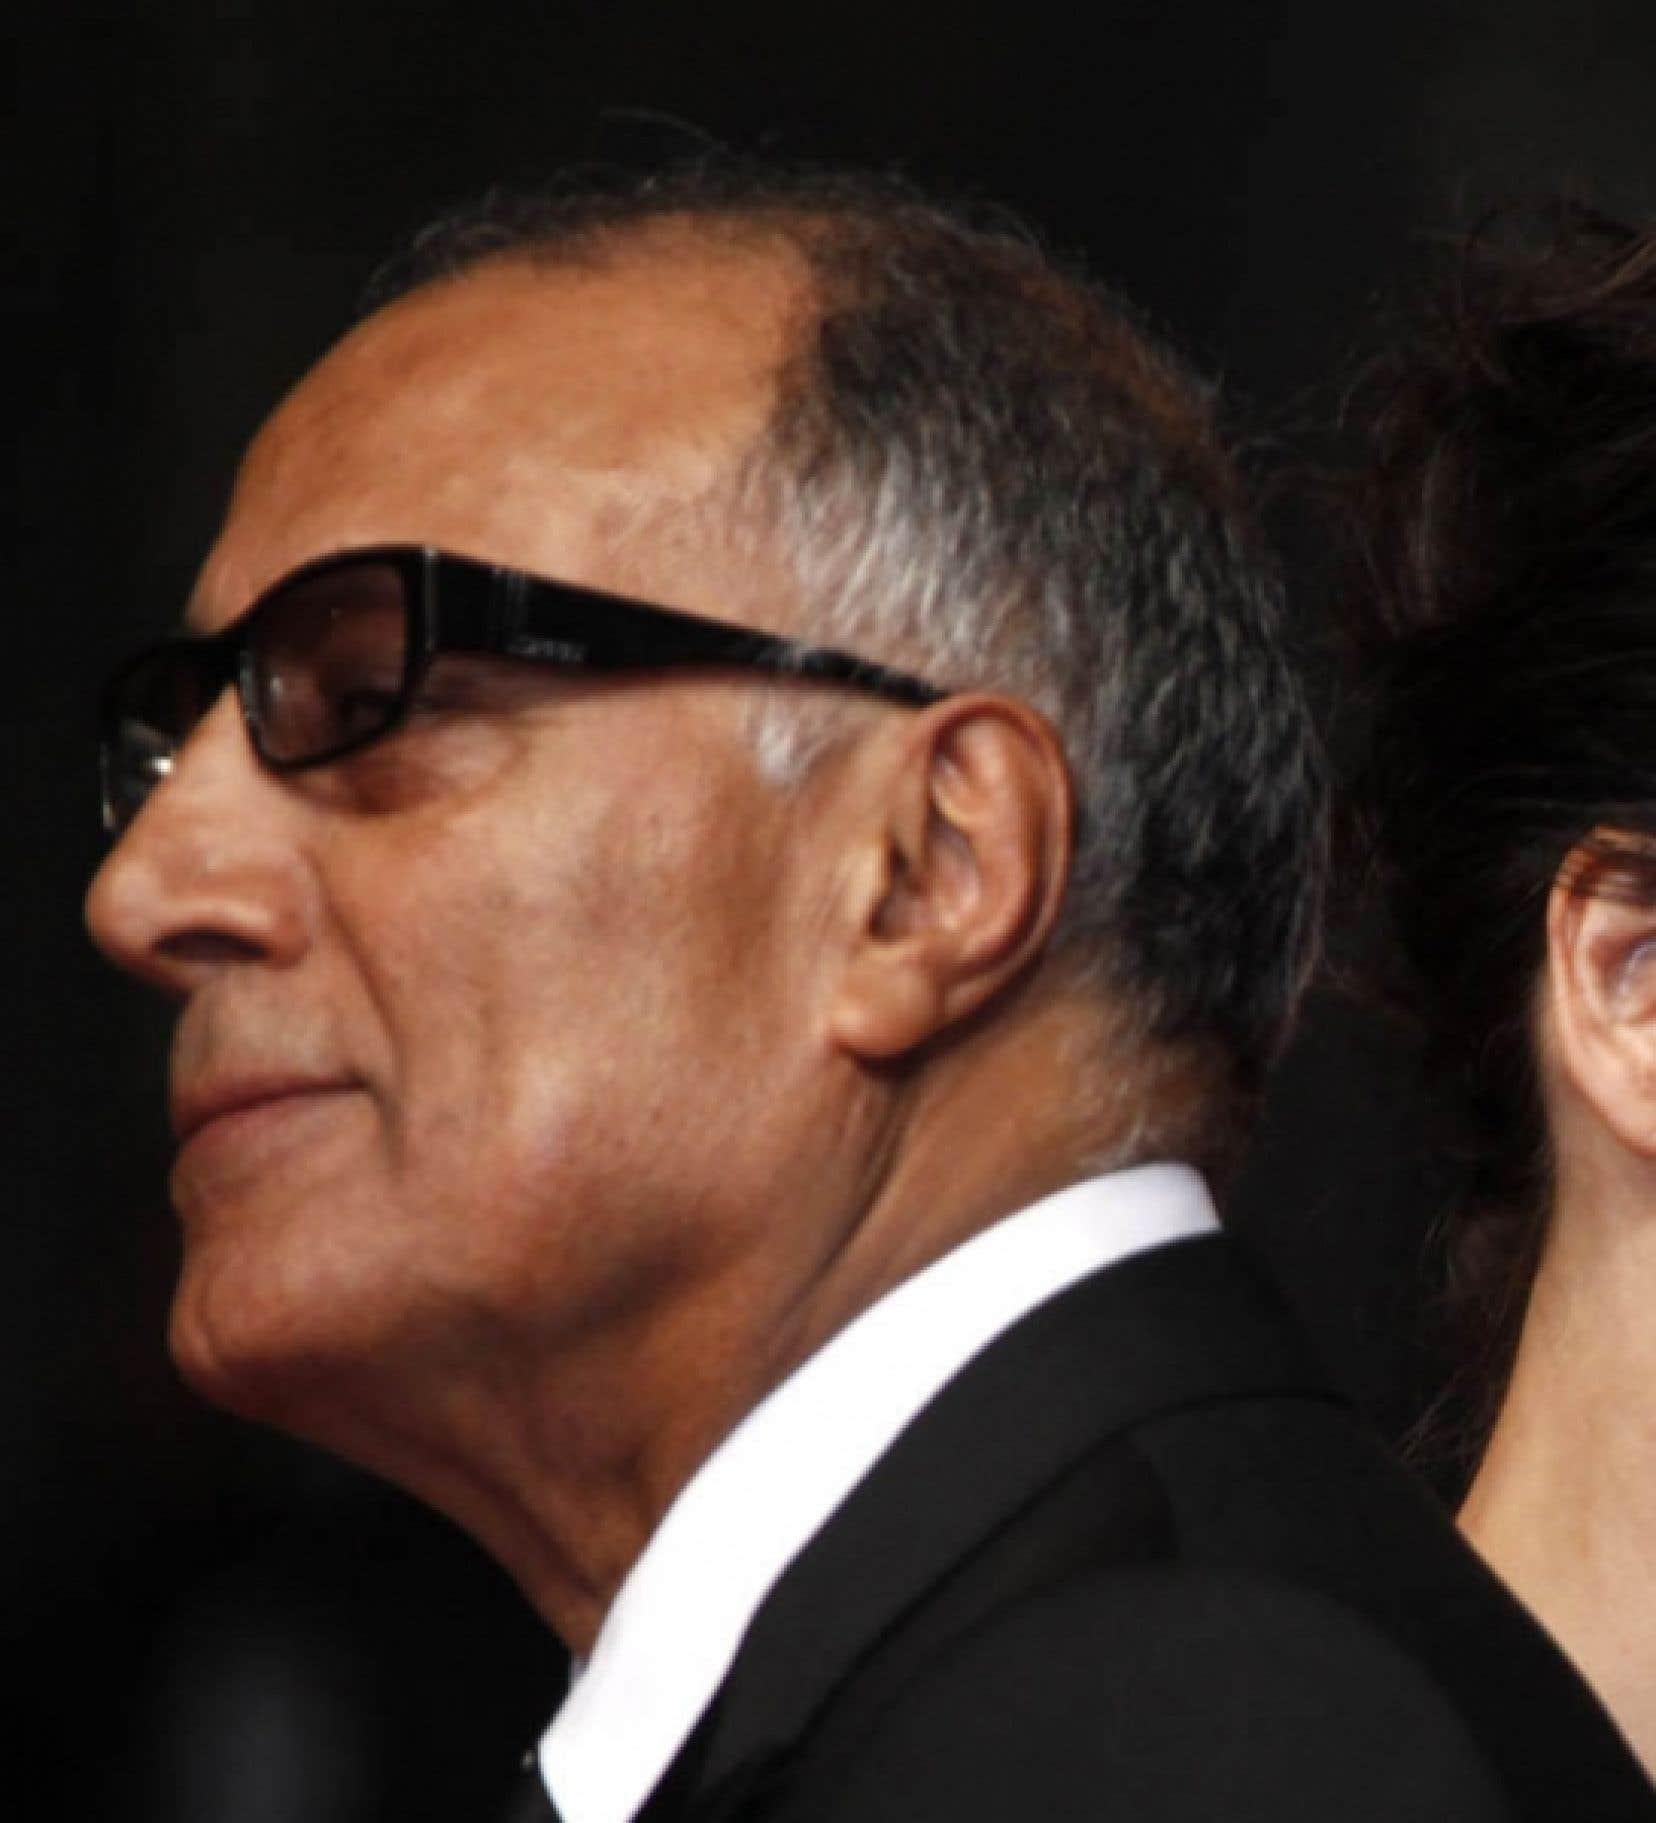 Le réalisateur iranien Abbas Kiarostami et l'actrice française Juliette Binoche photopgraphiés sur le tapis rouge à l'occasion de la présentation de Copie conforme en compétition, hier, à Cannes.